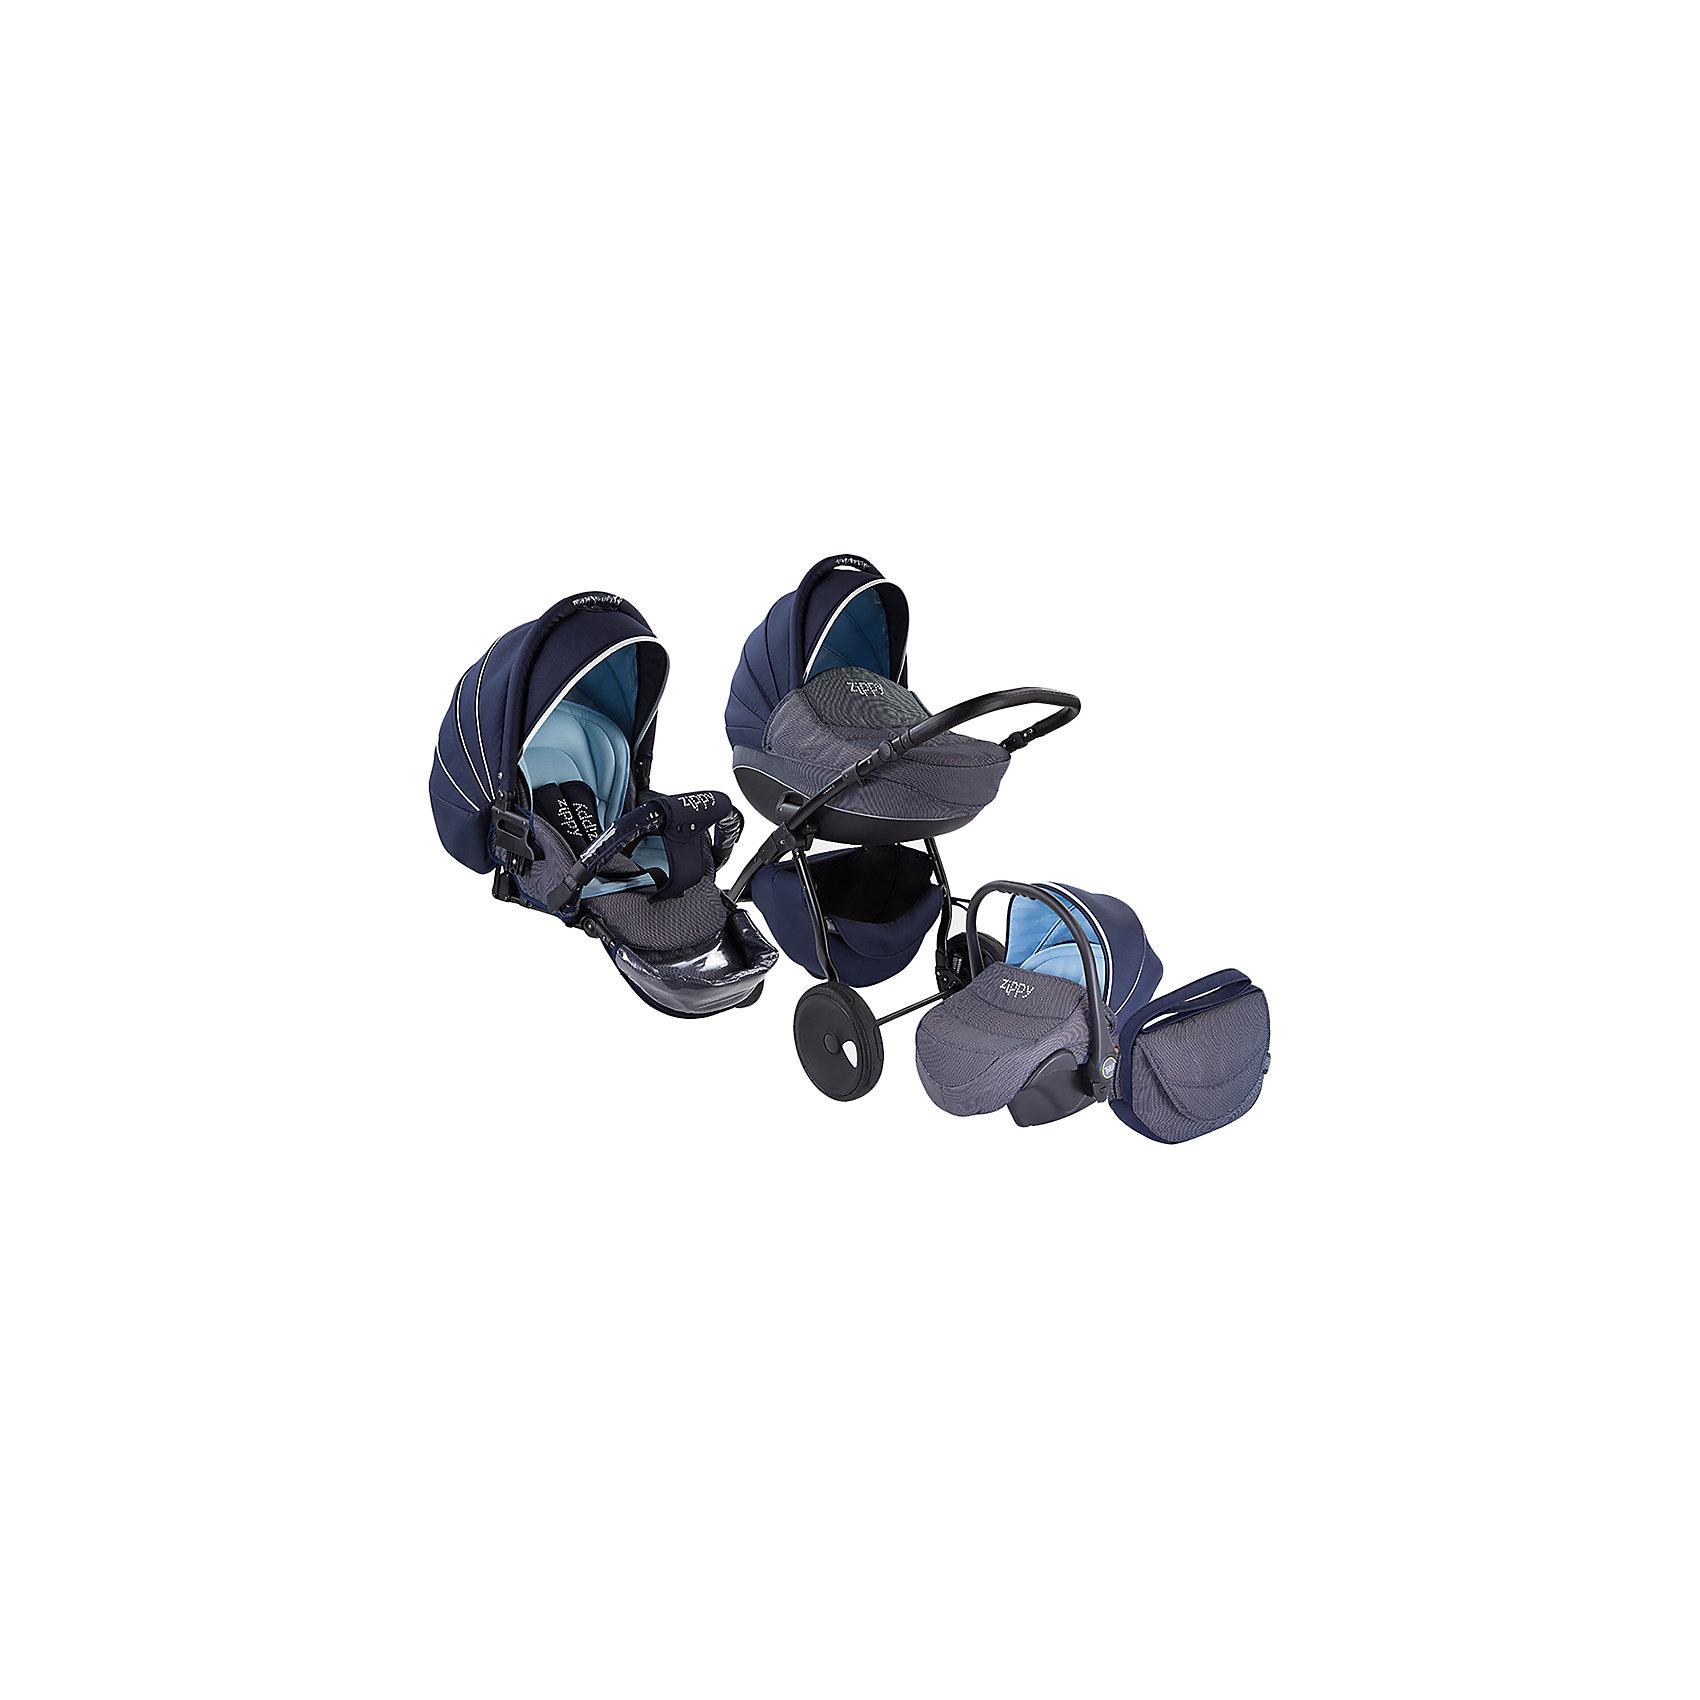 TUTIS Коляска 3 в 1 Zippy Silver New, Tutis, темн. синий силикатный блок литва симпрас купить в калининграде